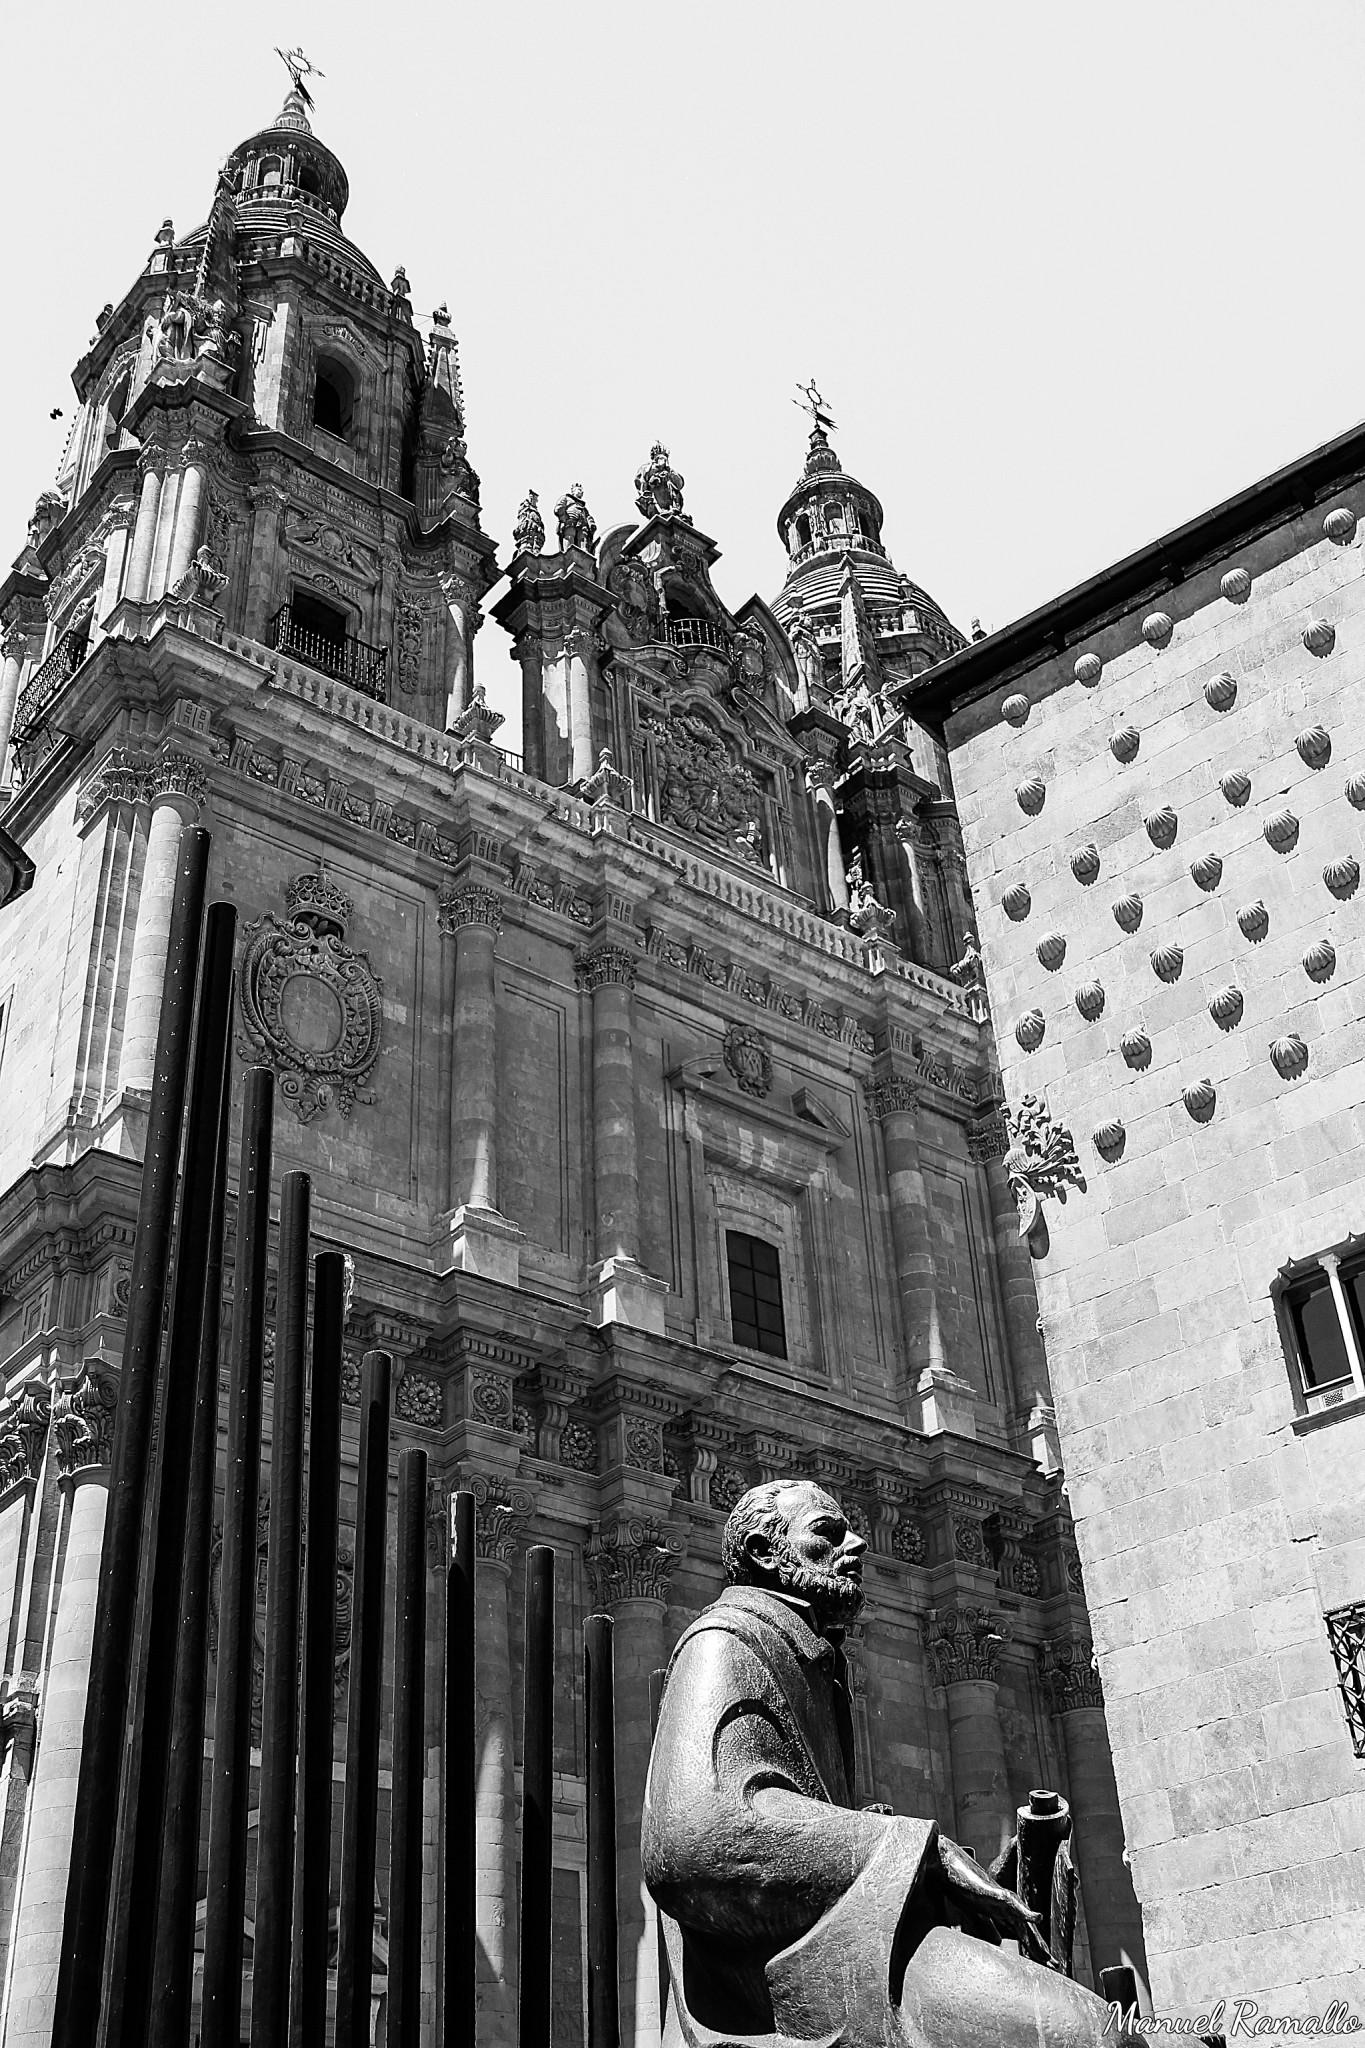 universidad-pontificia-de-salamanca-y-casa-de-las-conchas-escultura-estatua-maestro-salinas